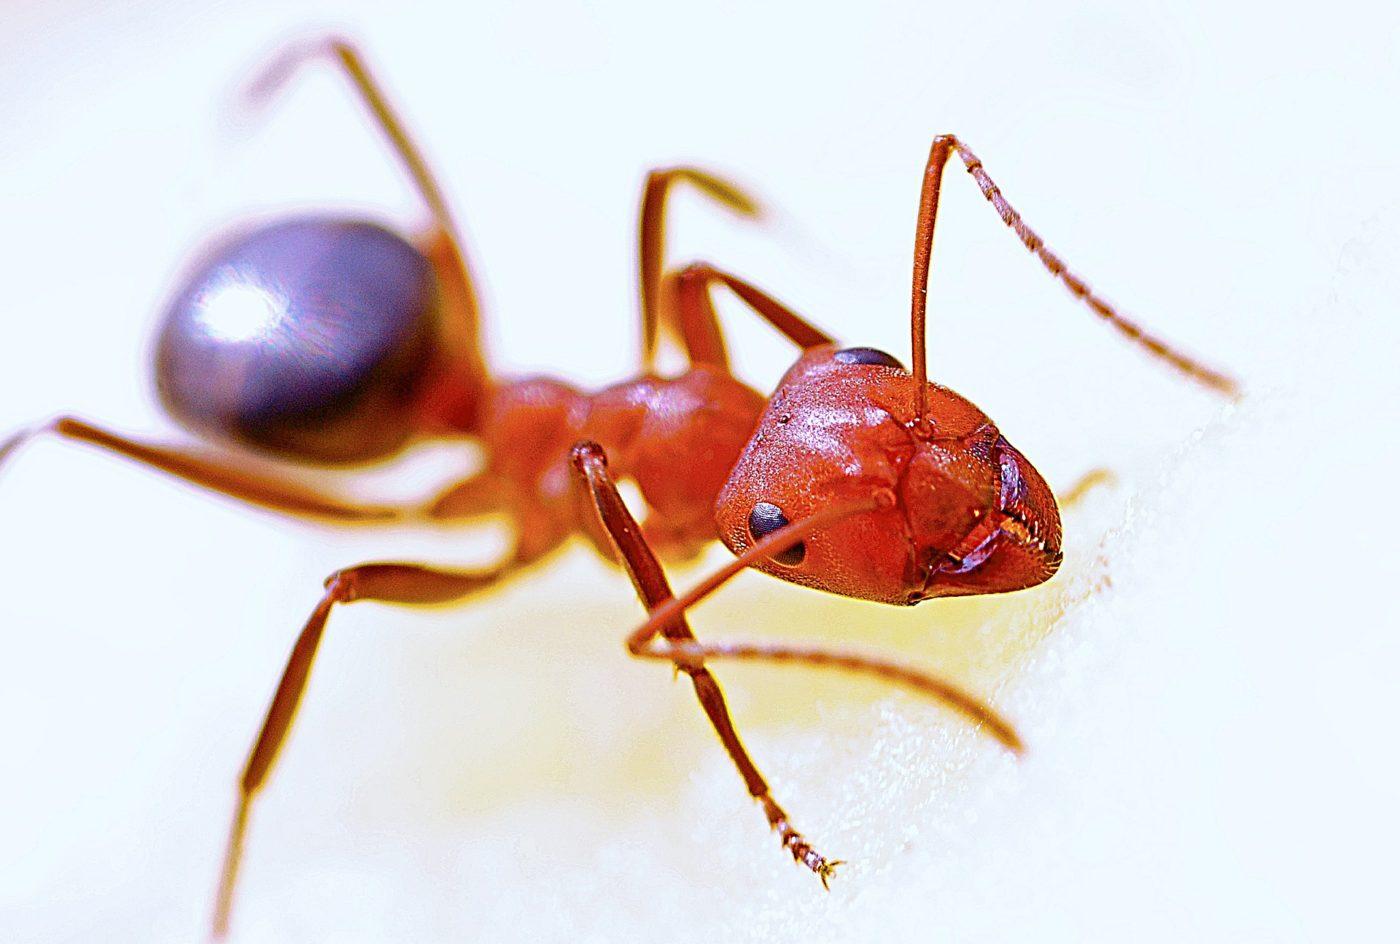 Die Ameisenkolonie in der Ameisenfarm